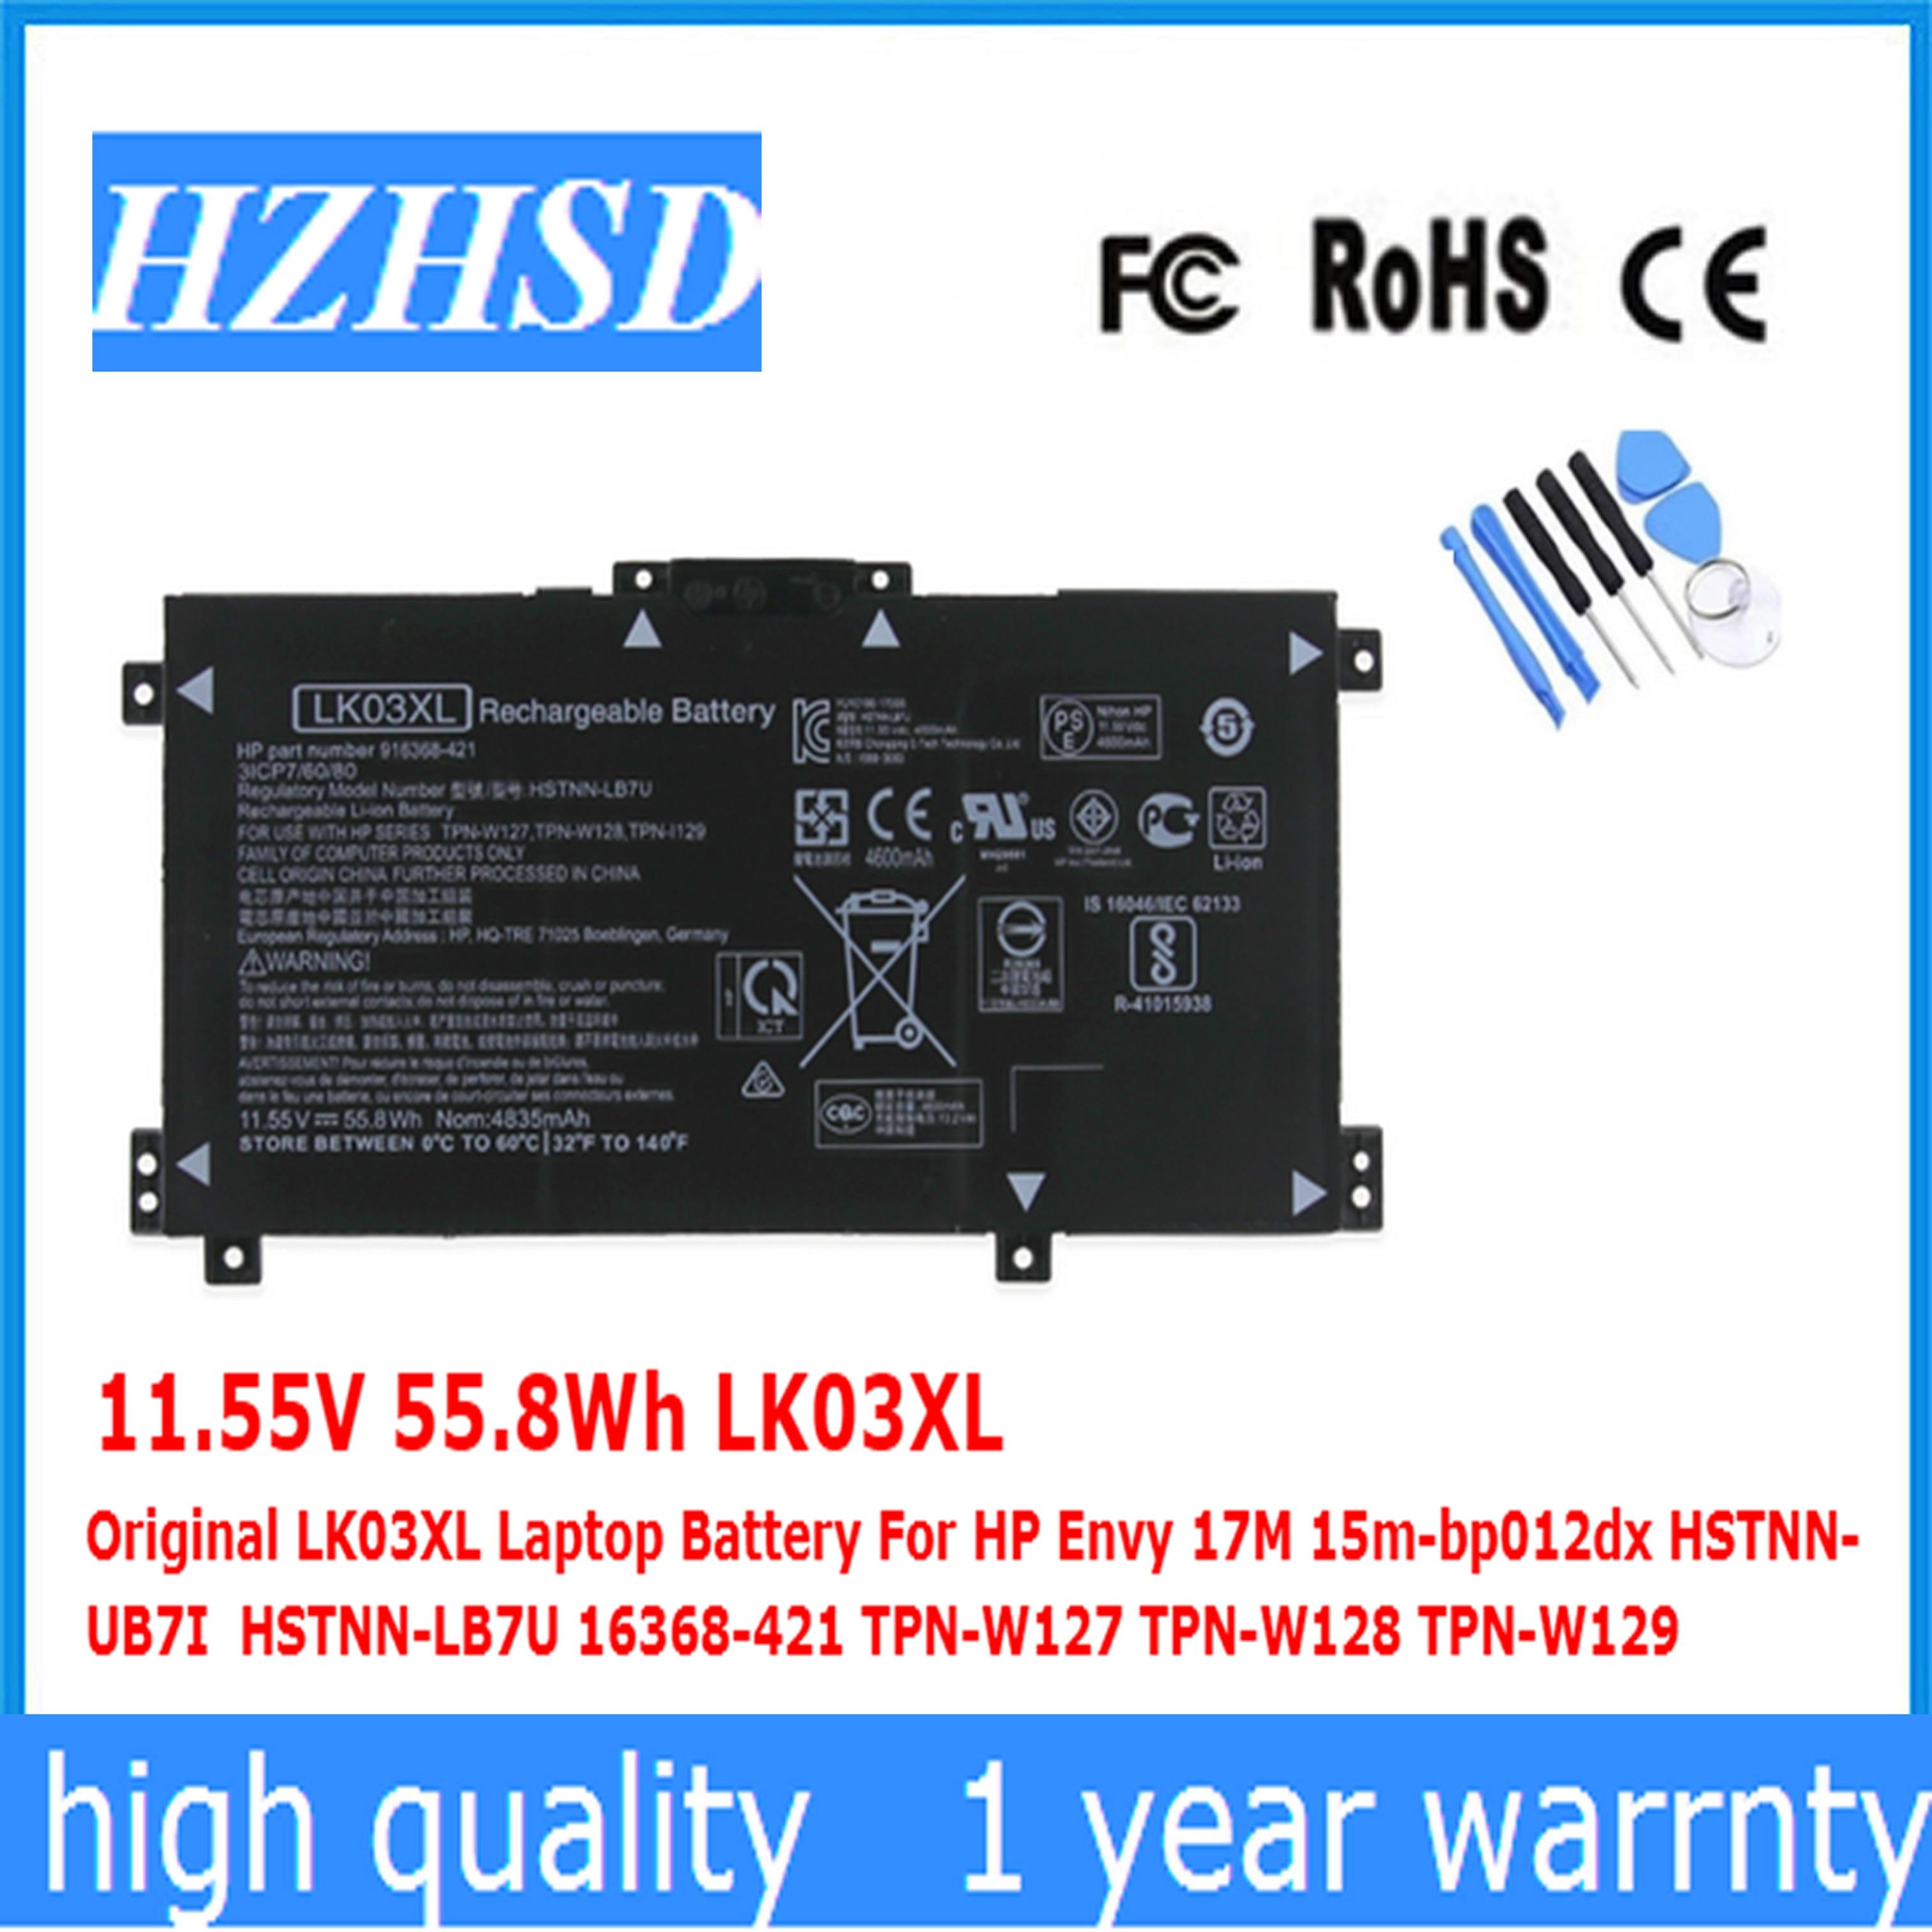 11.55V 55.8Wh Original LK03XL Laptop Battery For HP Envy 17M 15m-bp012dx HSTNN-UB7I HSTNN-LB7U TPN-W127 TPN-W128